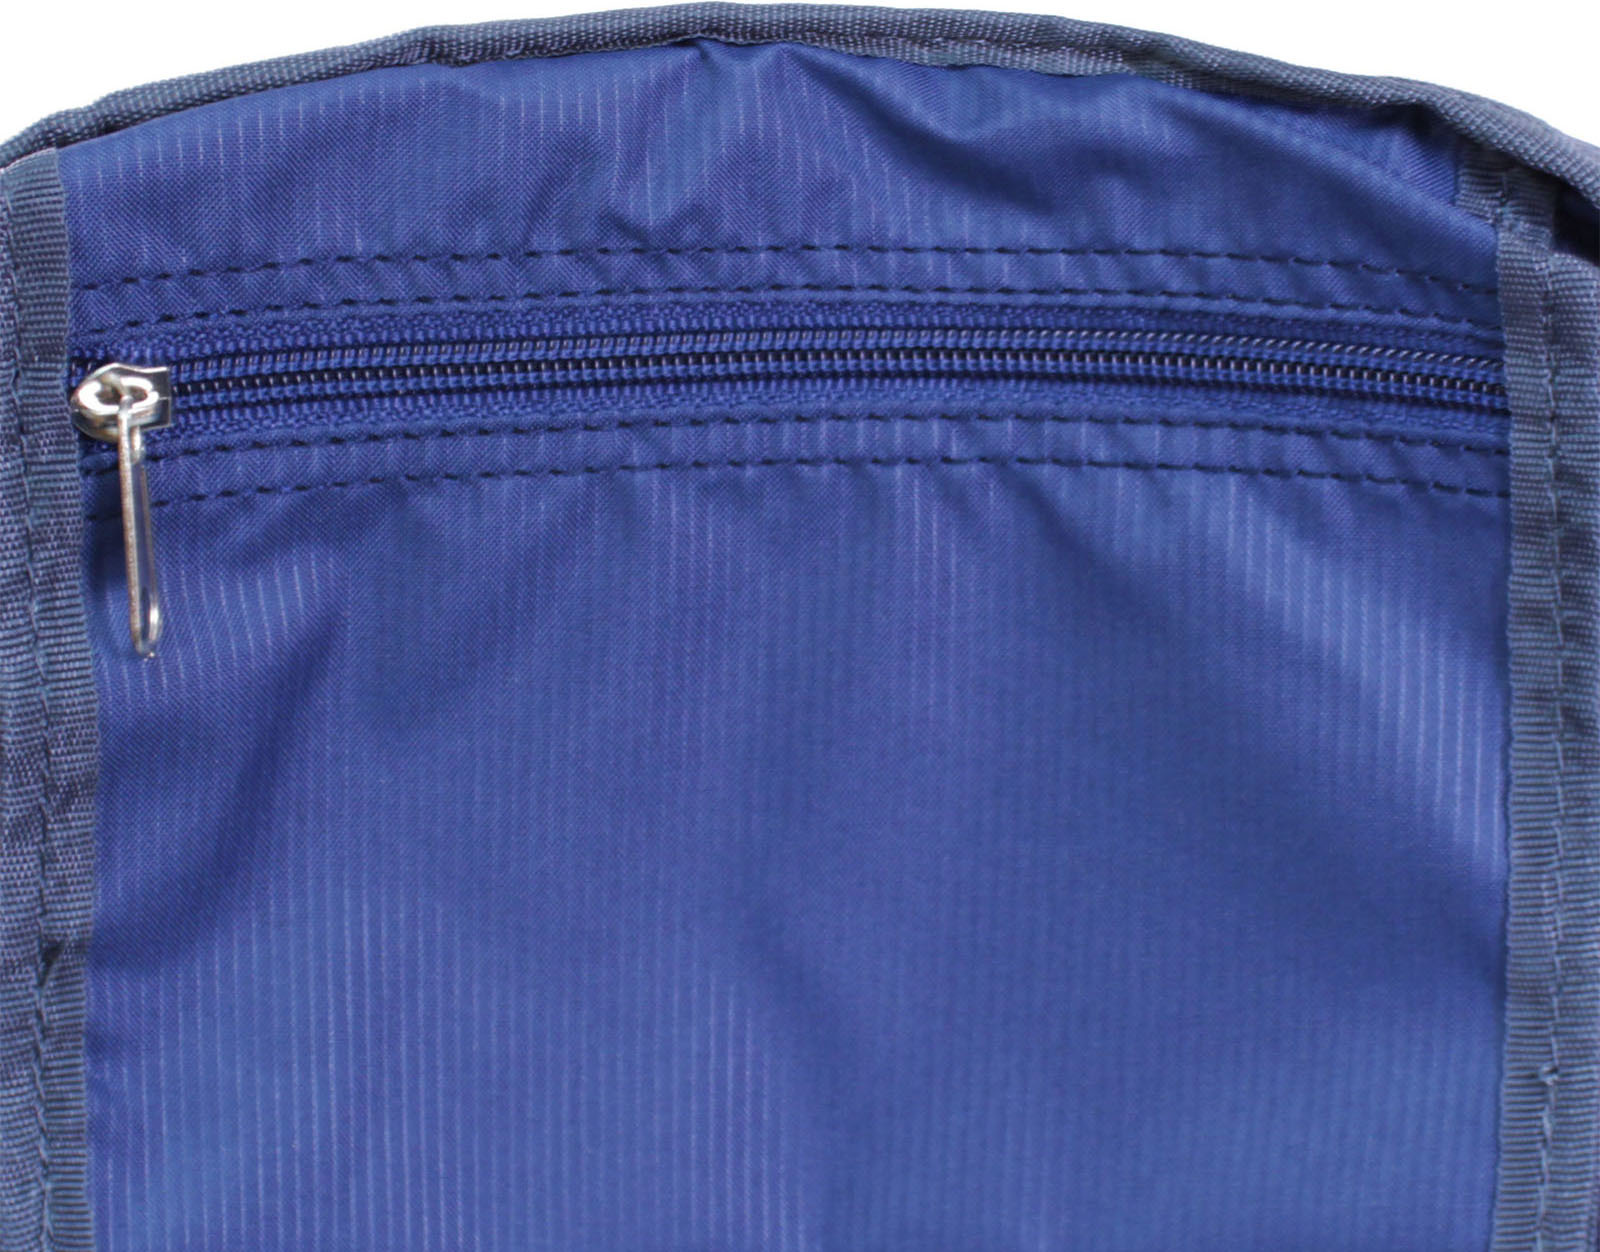 Рюкзак Bagland Звезда Синий 0018870 фото 7